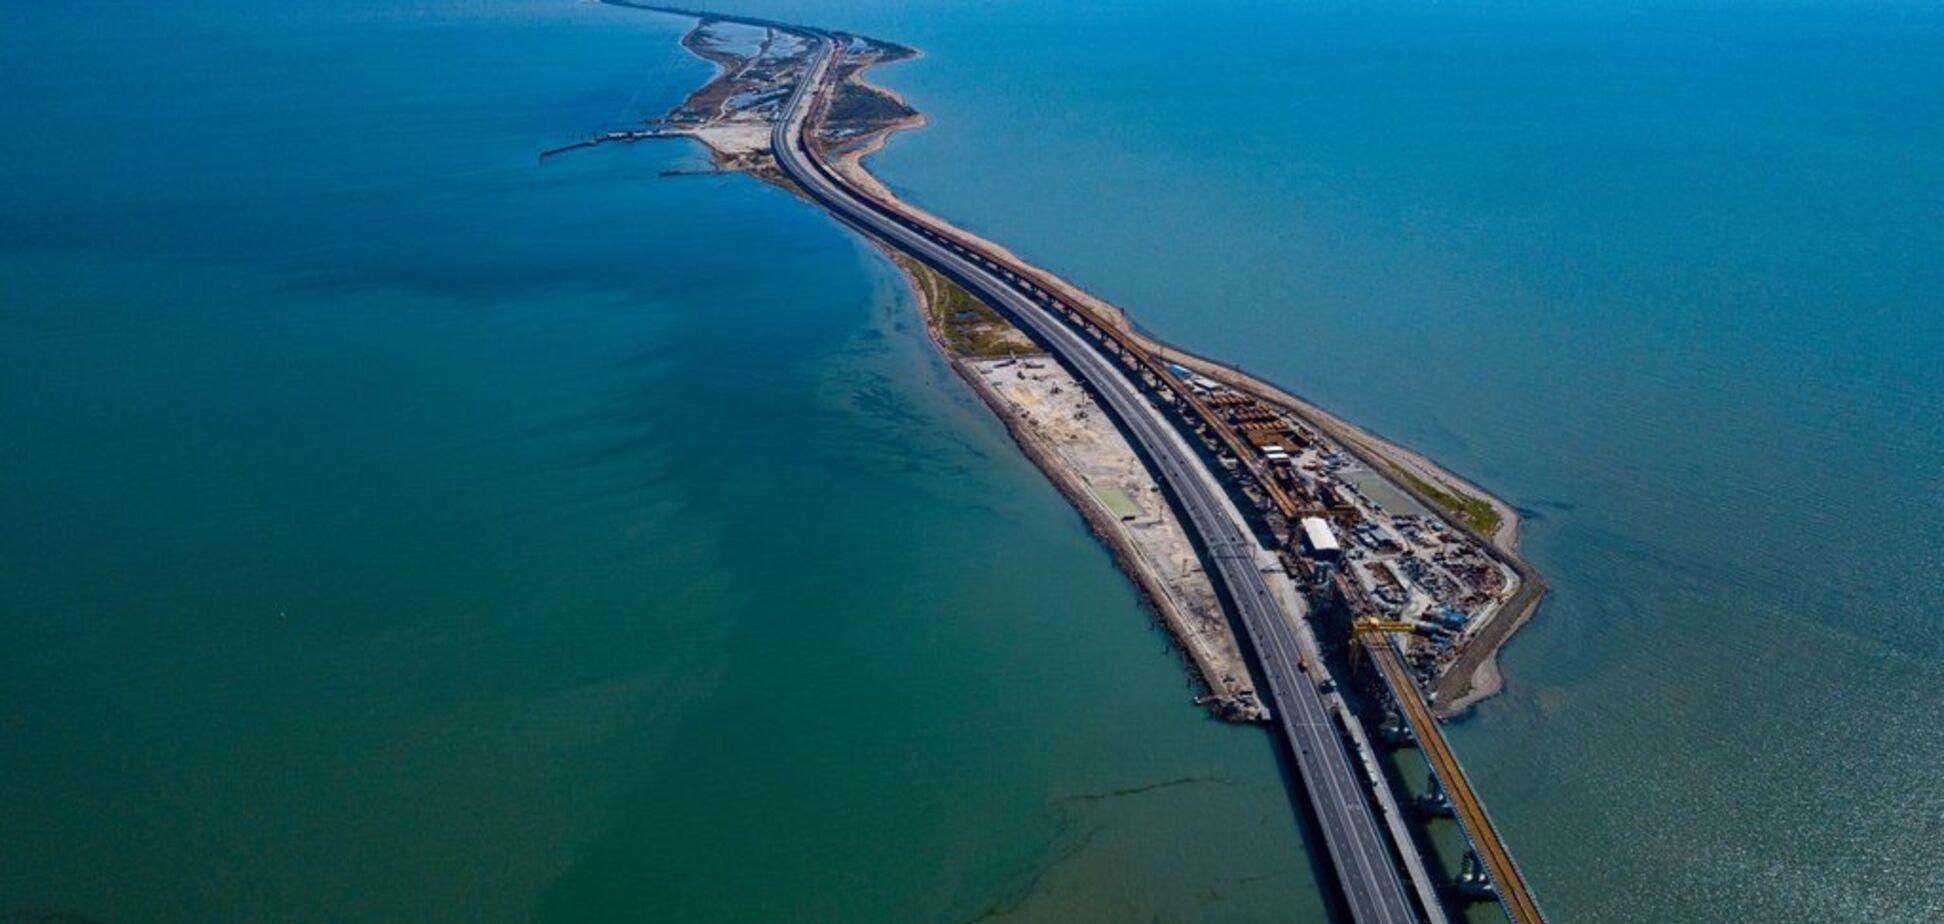 ''Неужели это не учитывали?'': Проблема Крымского моста шокировала экспертов